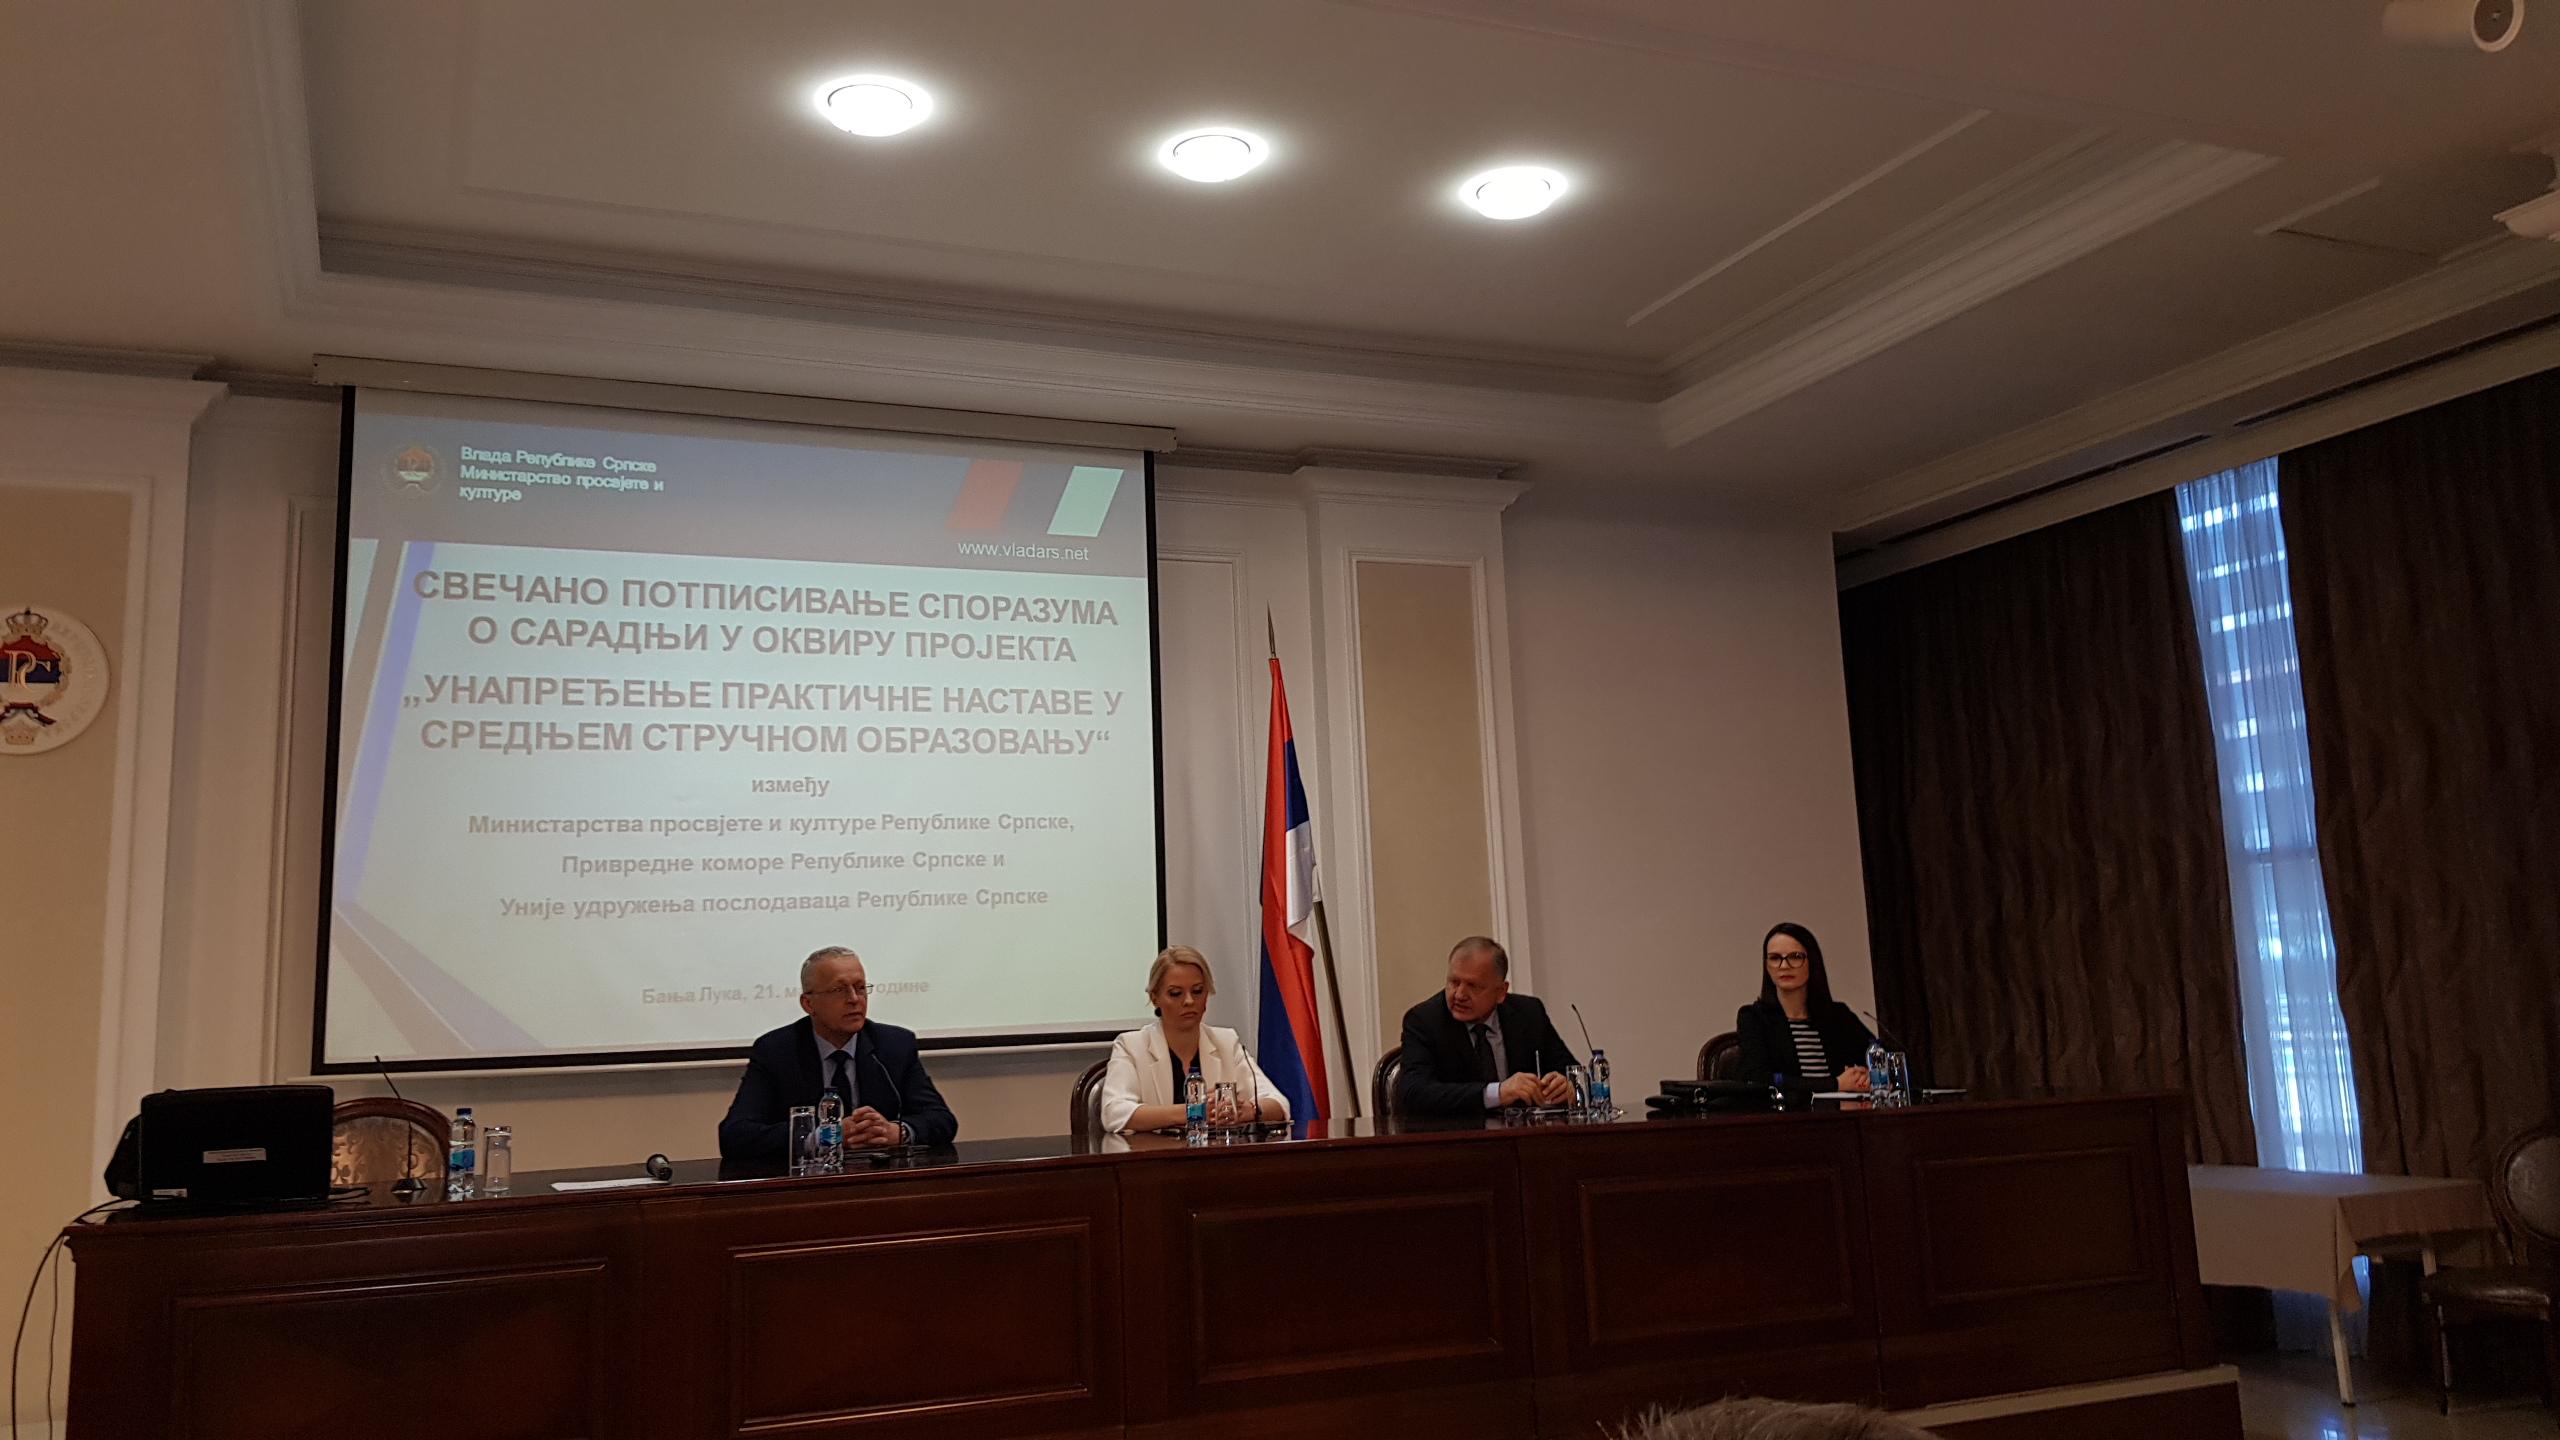 """Potpisan Sporazum o saradnji u okviru projekta """"Unapređenje praktične nastave u srednjem stručnom obrazovanju"""""""